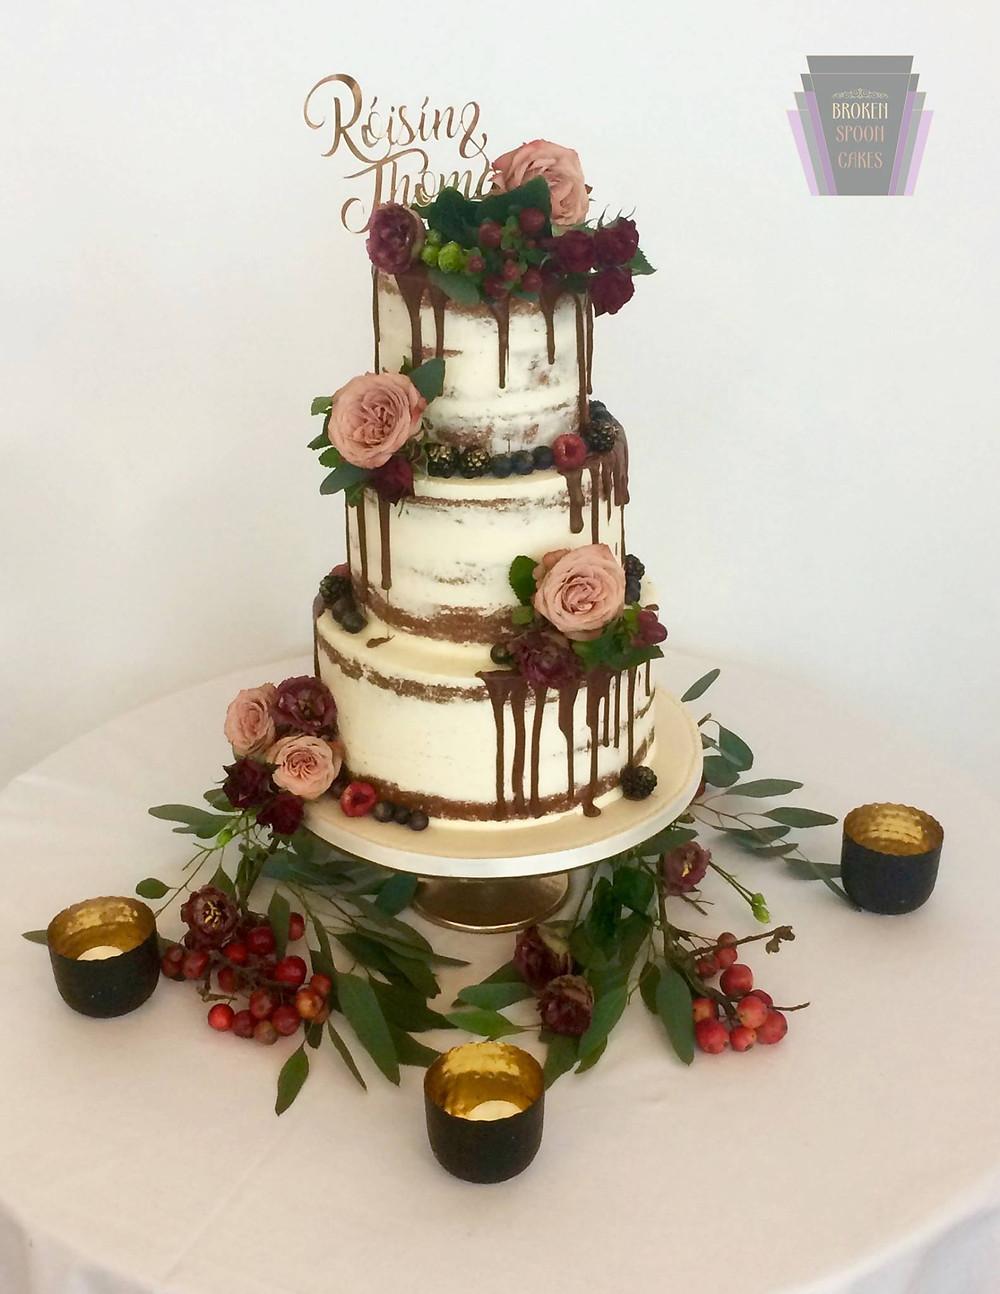 Broken Spoon Cakes | Sweet Burgundy Rose Wedding Cakes